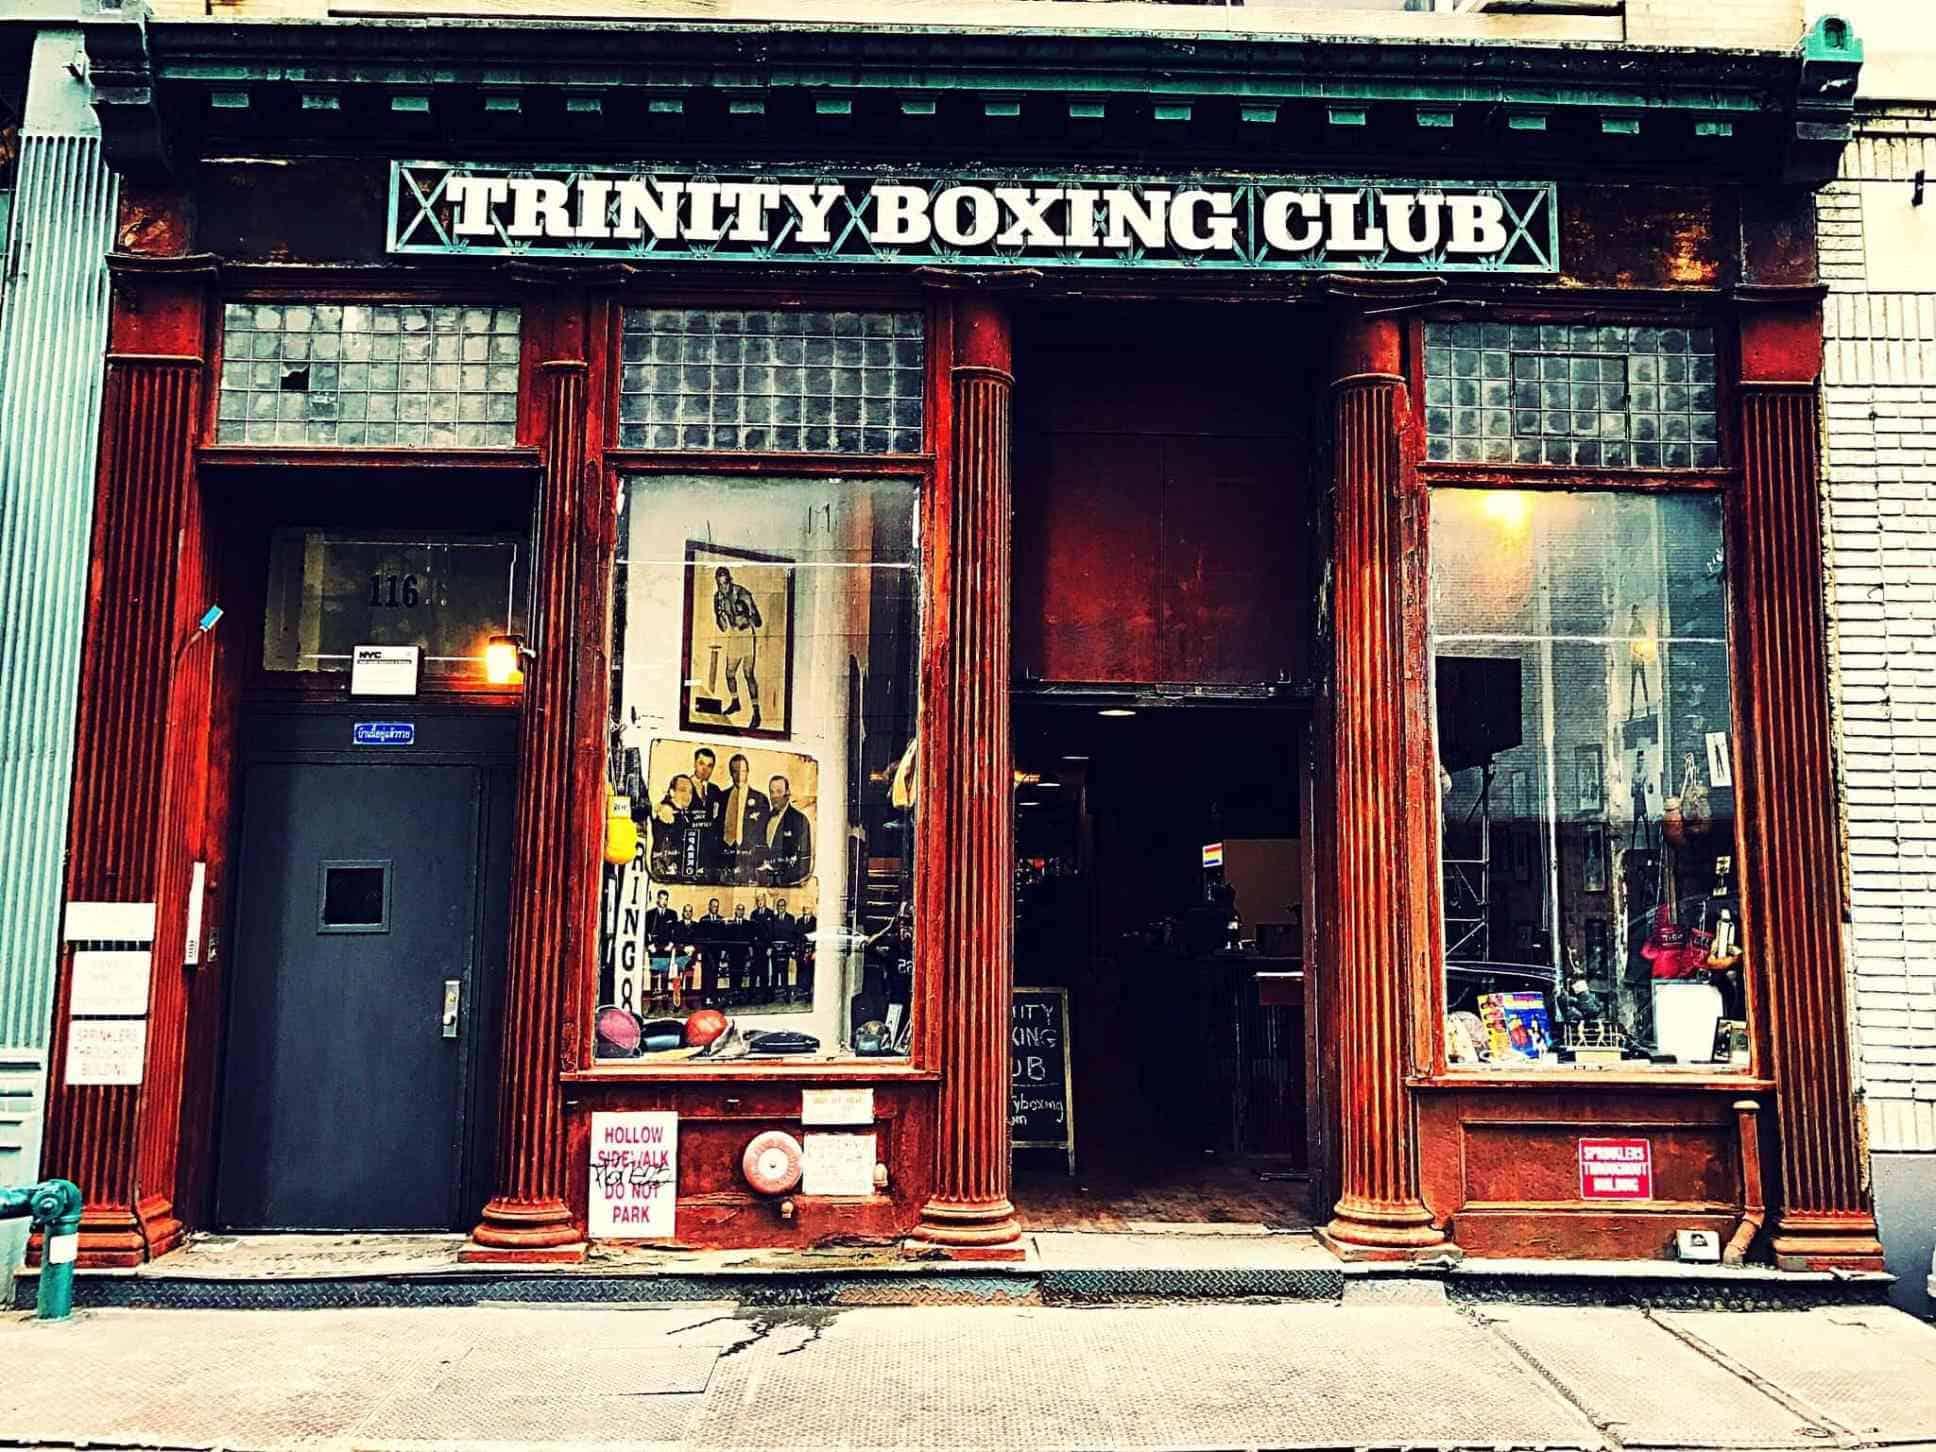 TRINITY-BOXING-CLUB